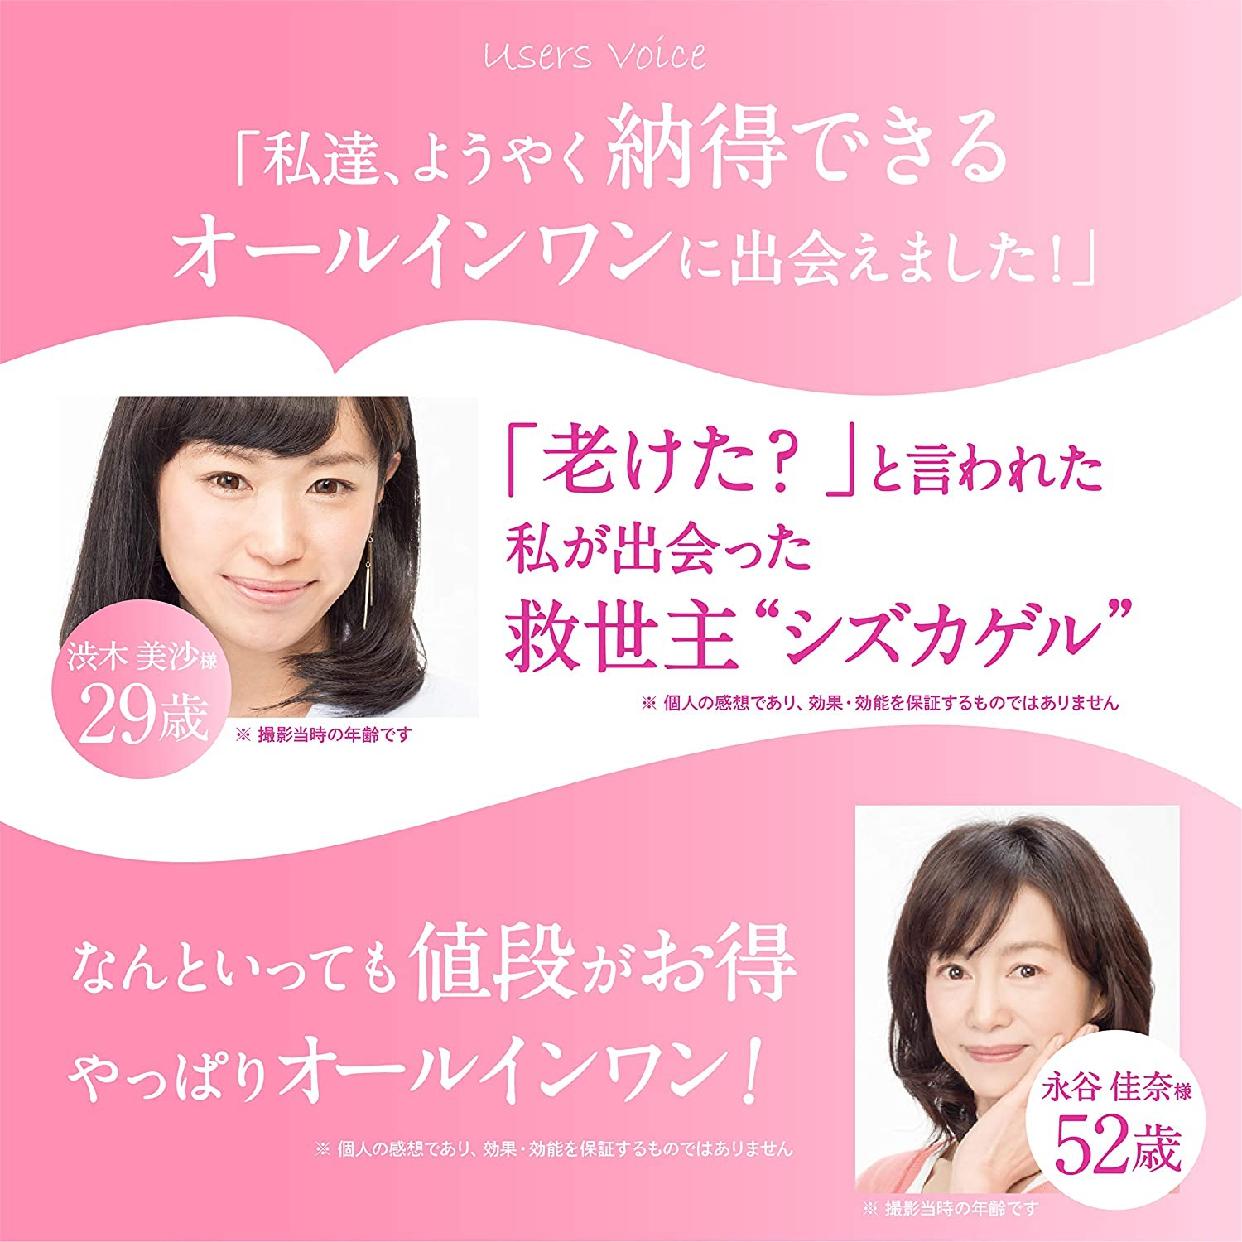 Shizuka BY SHIZUKA NEWYORK(シズカ) オールインワン シズカゲルの商品画像6